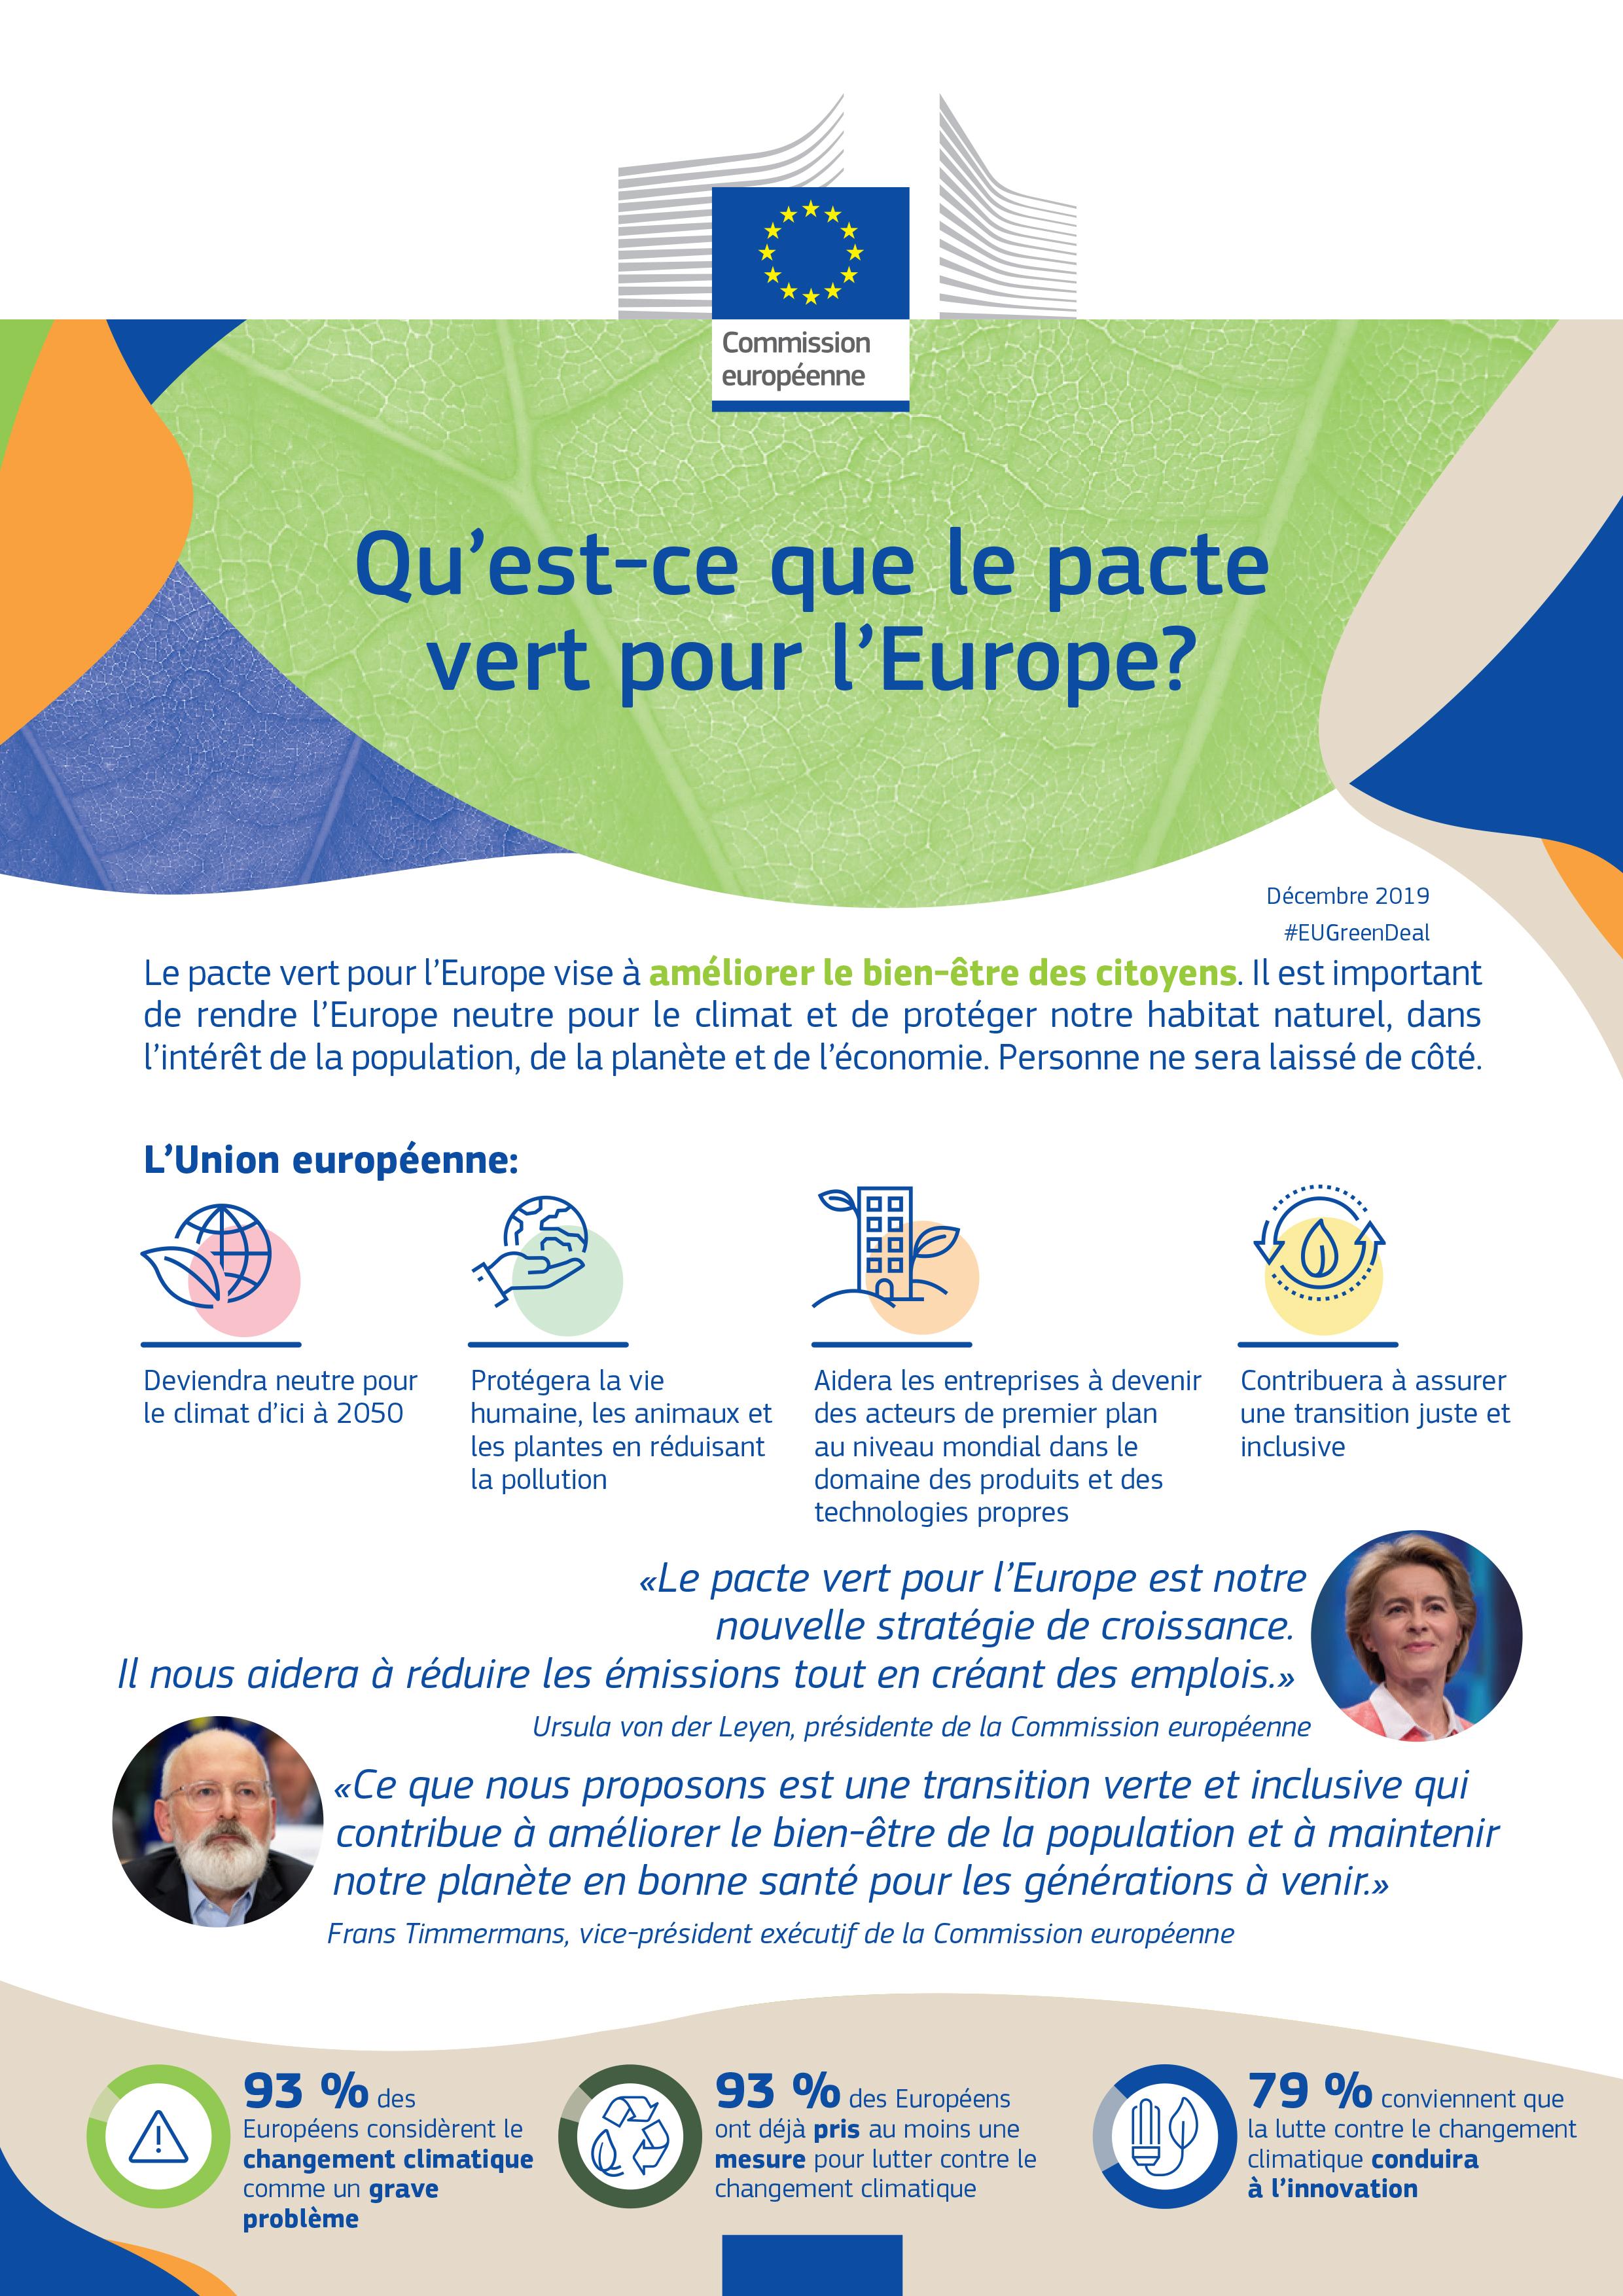 Qu'est Ce Que Le Pacte Vert Pour L'europe?